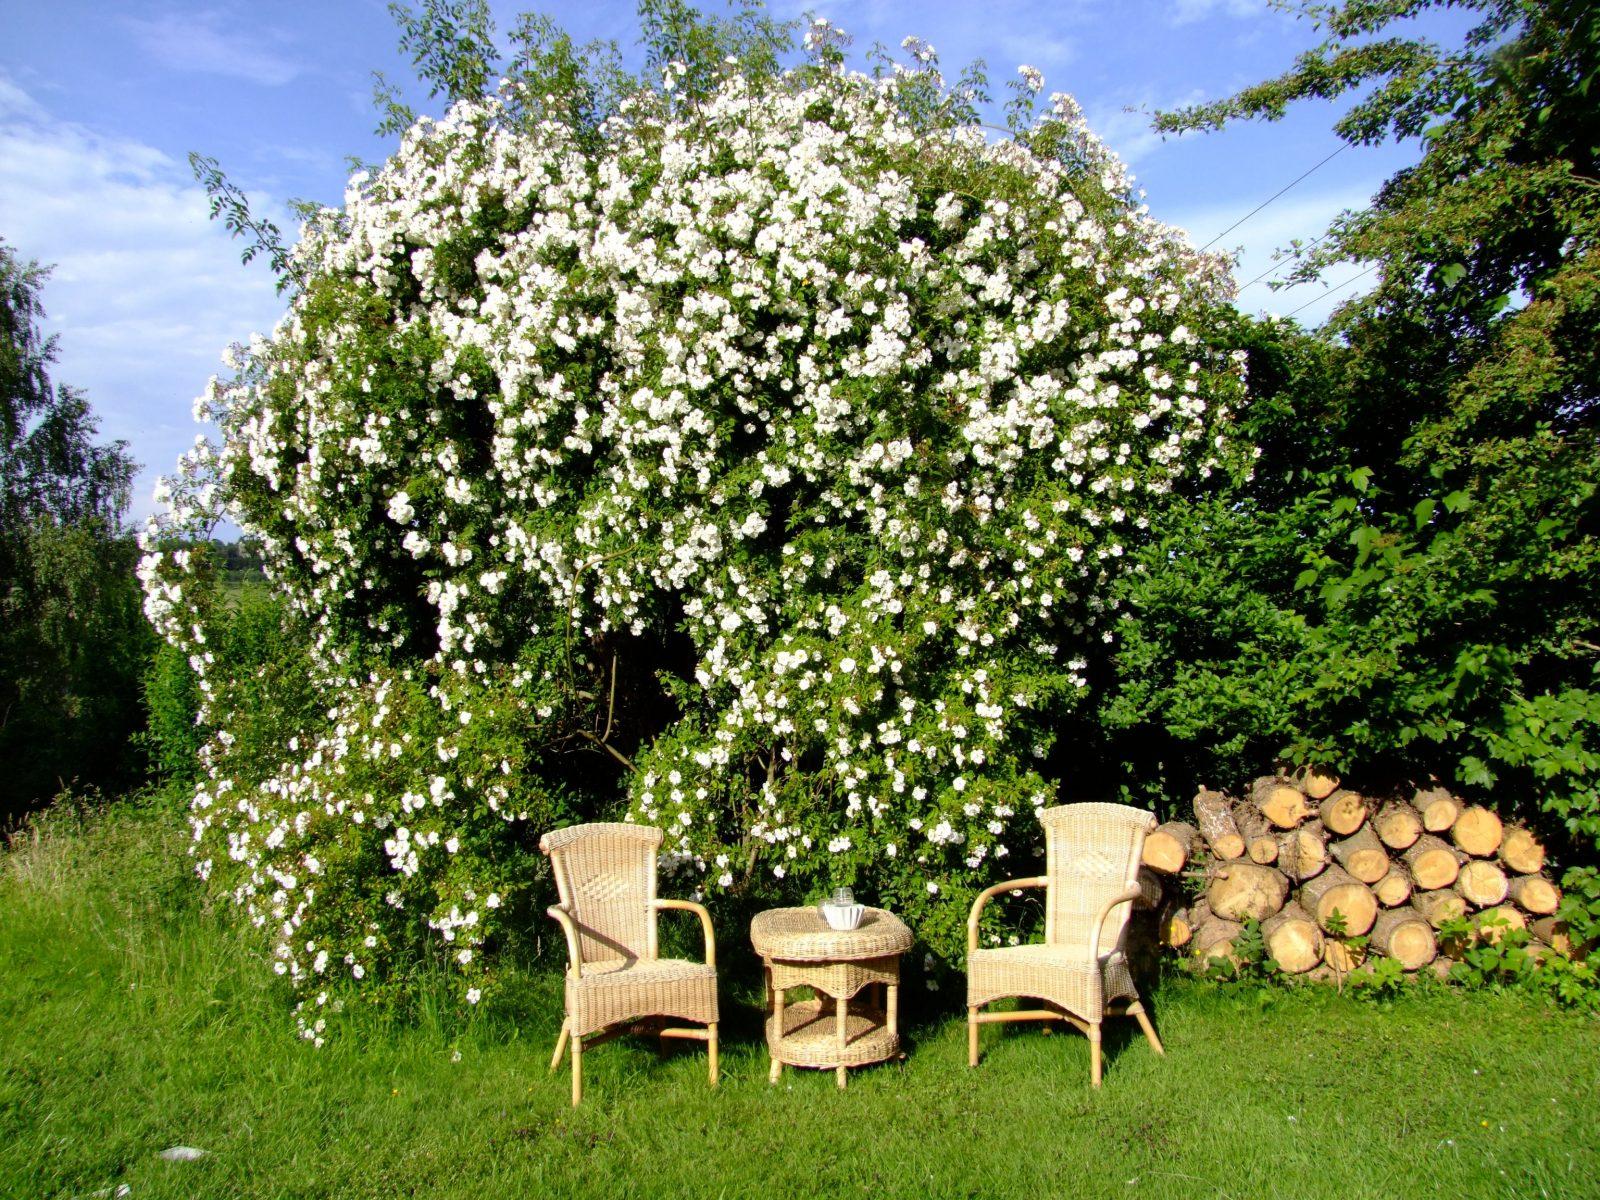 Garten Sitzecke Gestalten Ideen Für Kleine  Große Gärten von Kleine Sitzecke Im Garten Photo